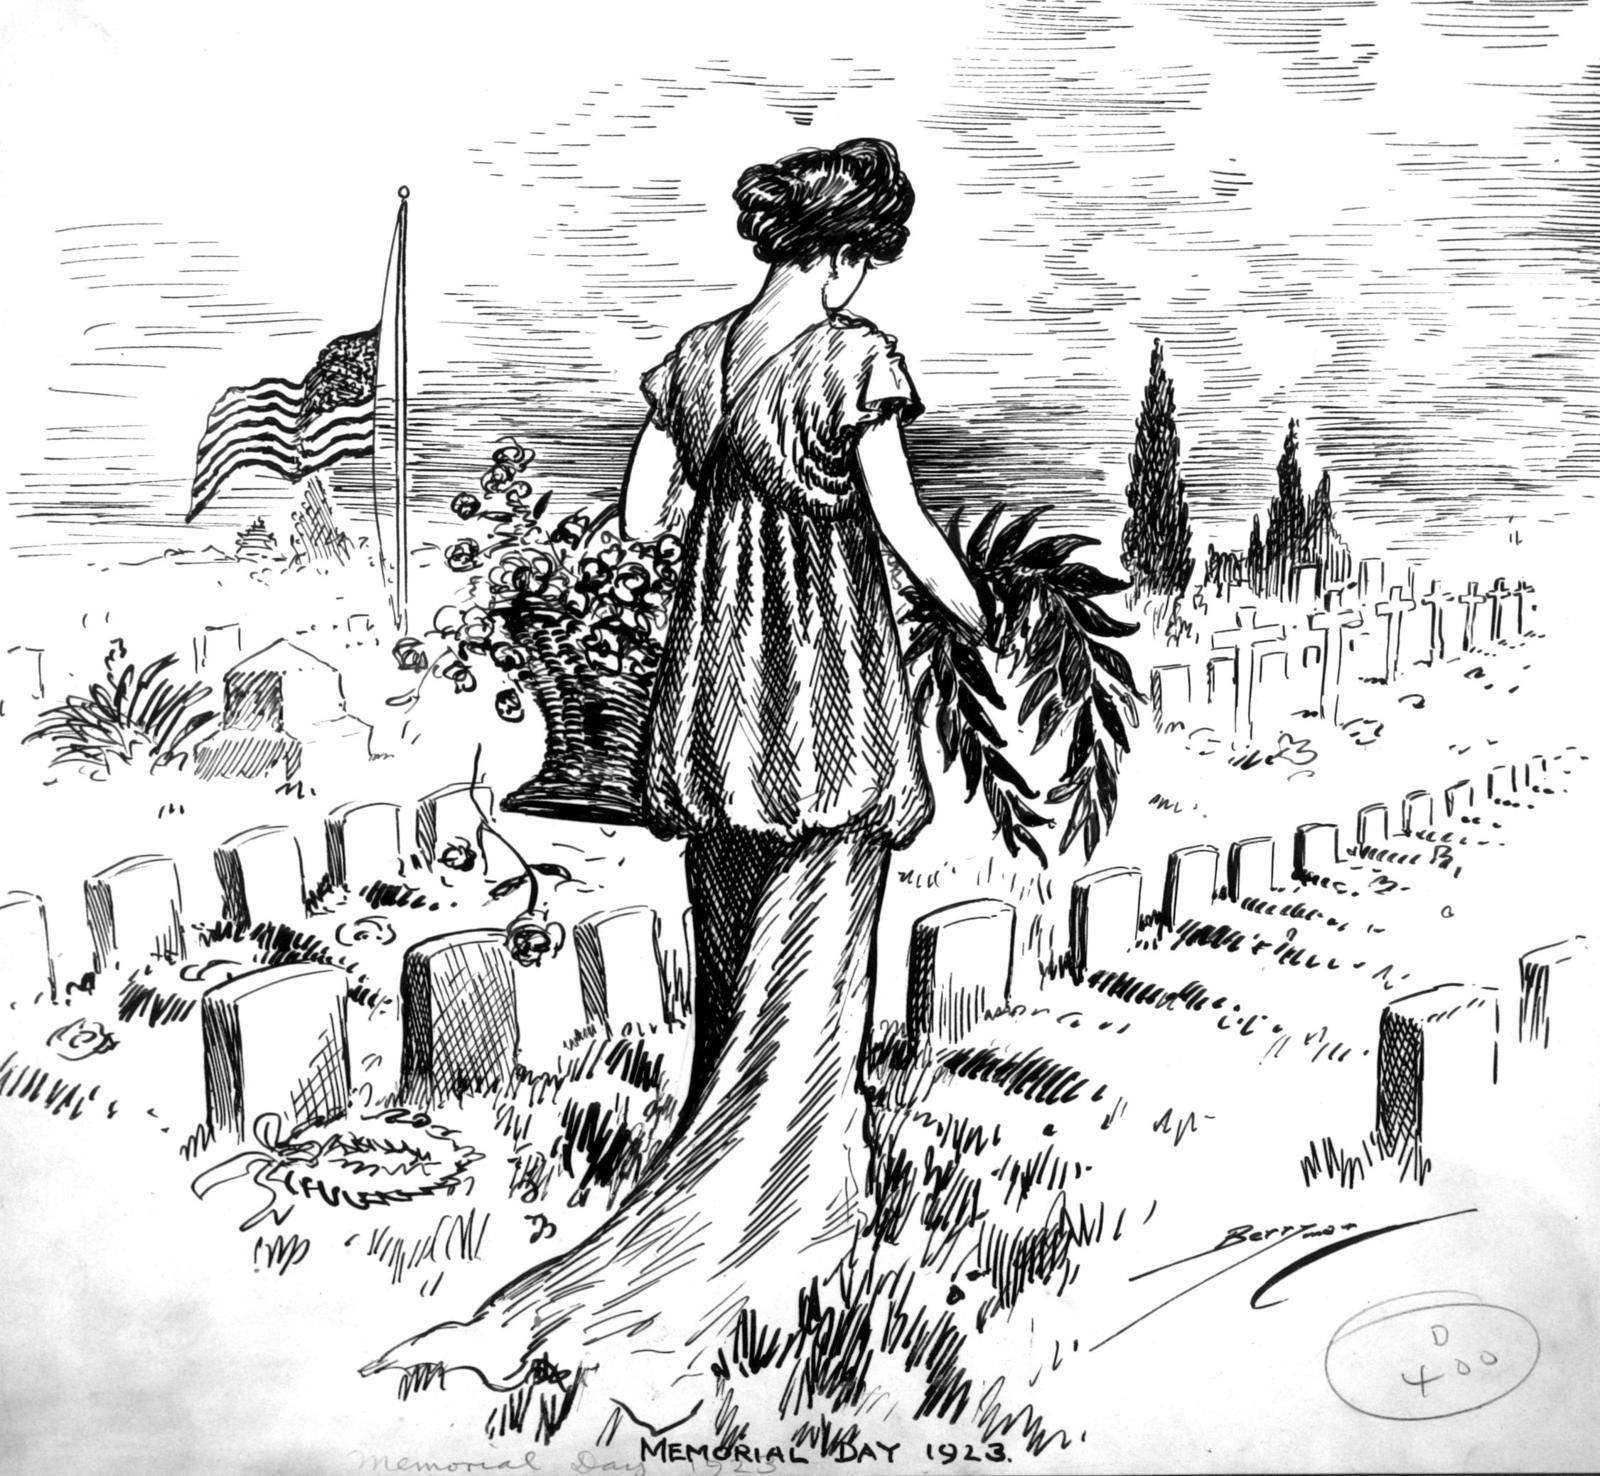 Memorial Day, 1923